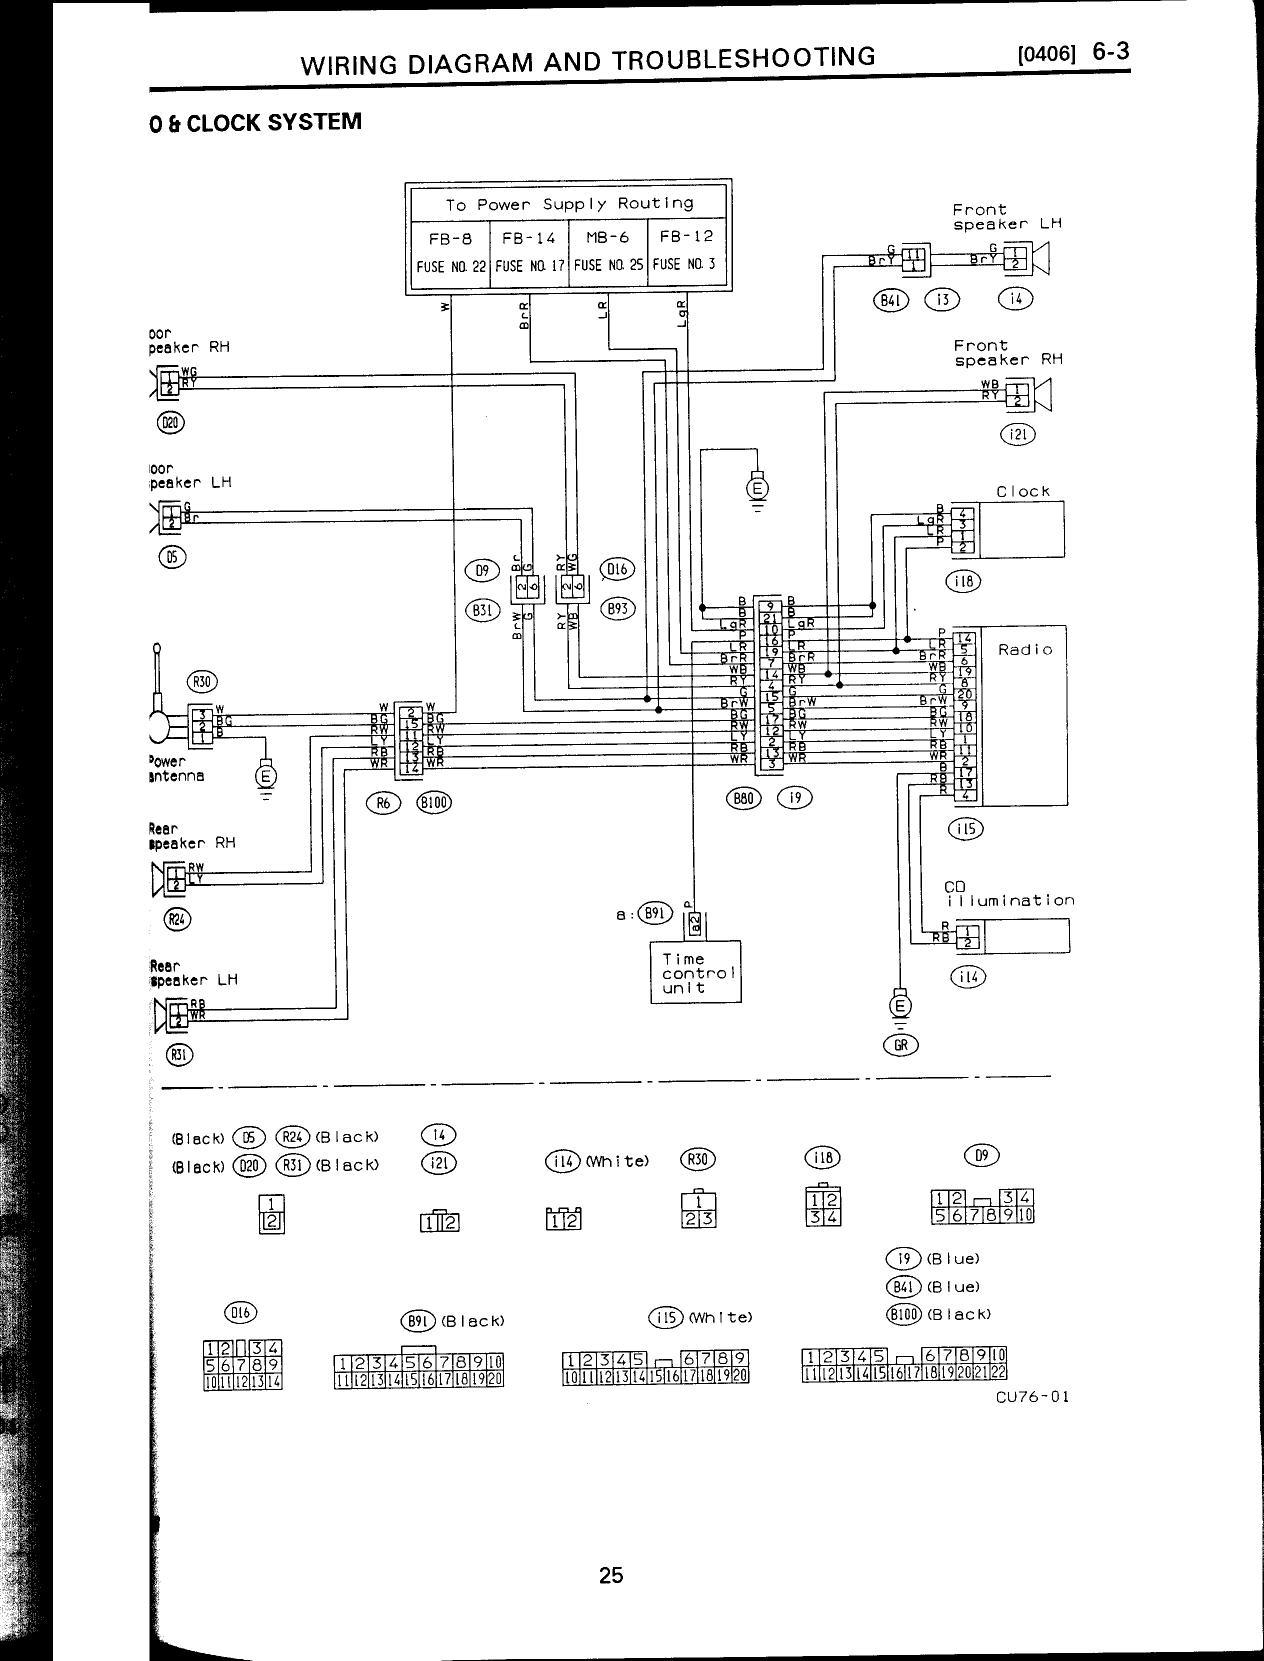 ... Subaru Car Manuals Wiring Diagrams Pdf Fault Codes Rh Automotive Legacy  Diagram Impreza 2002 Subaru